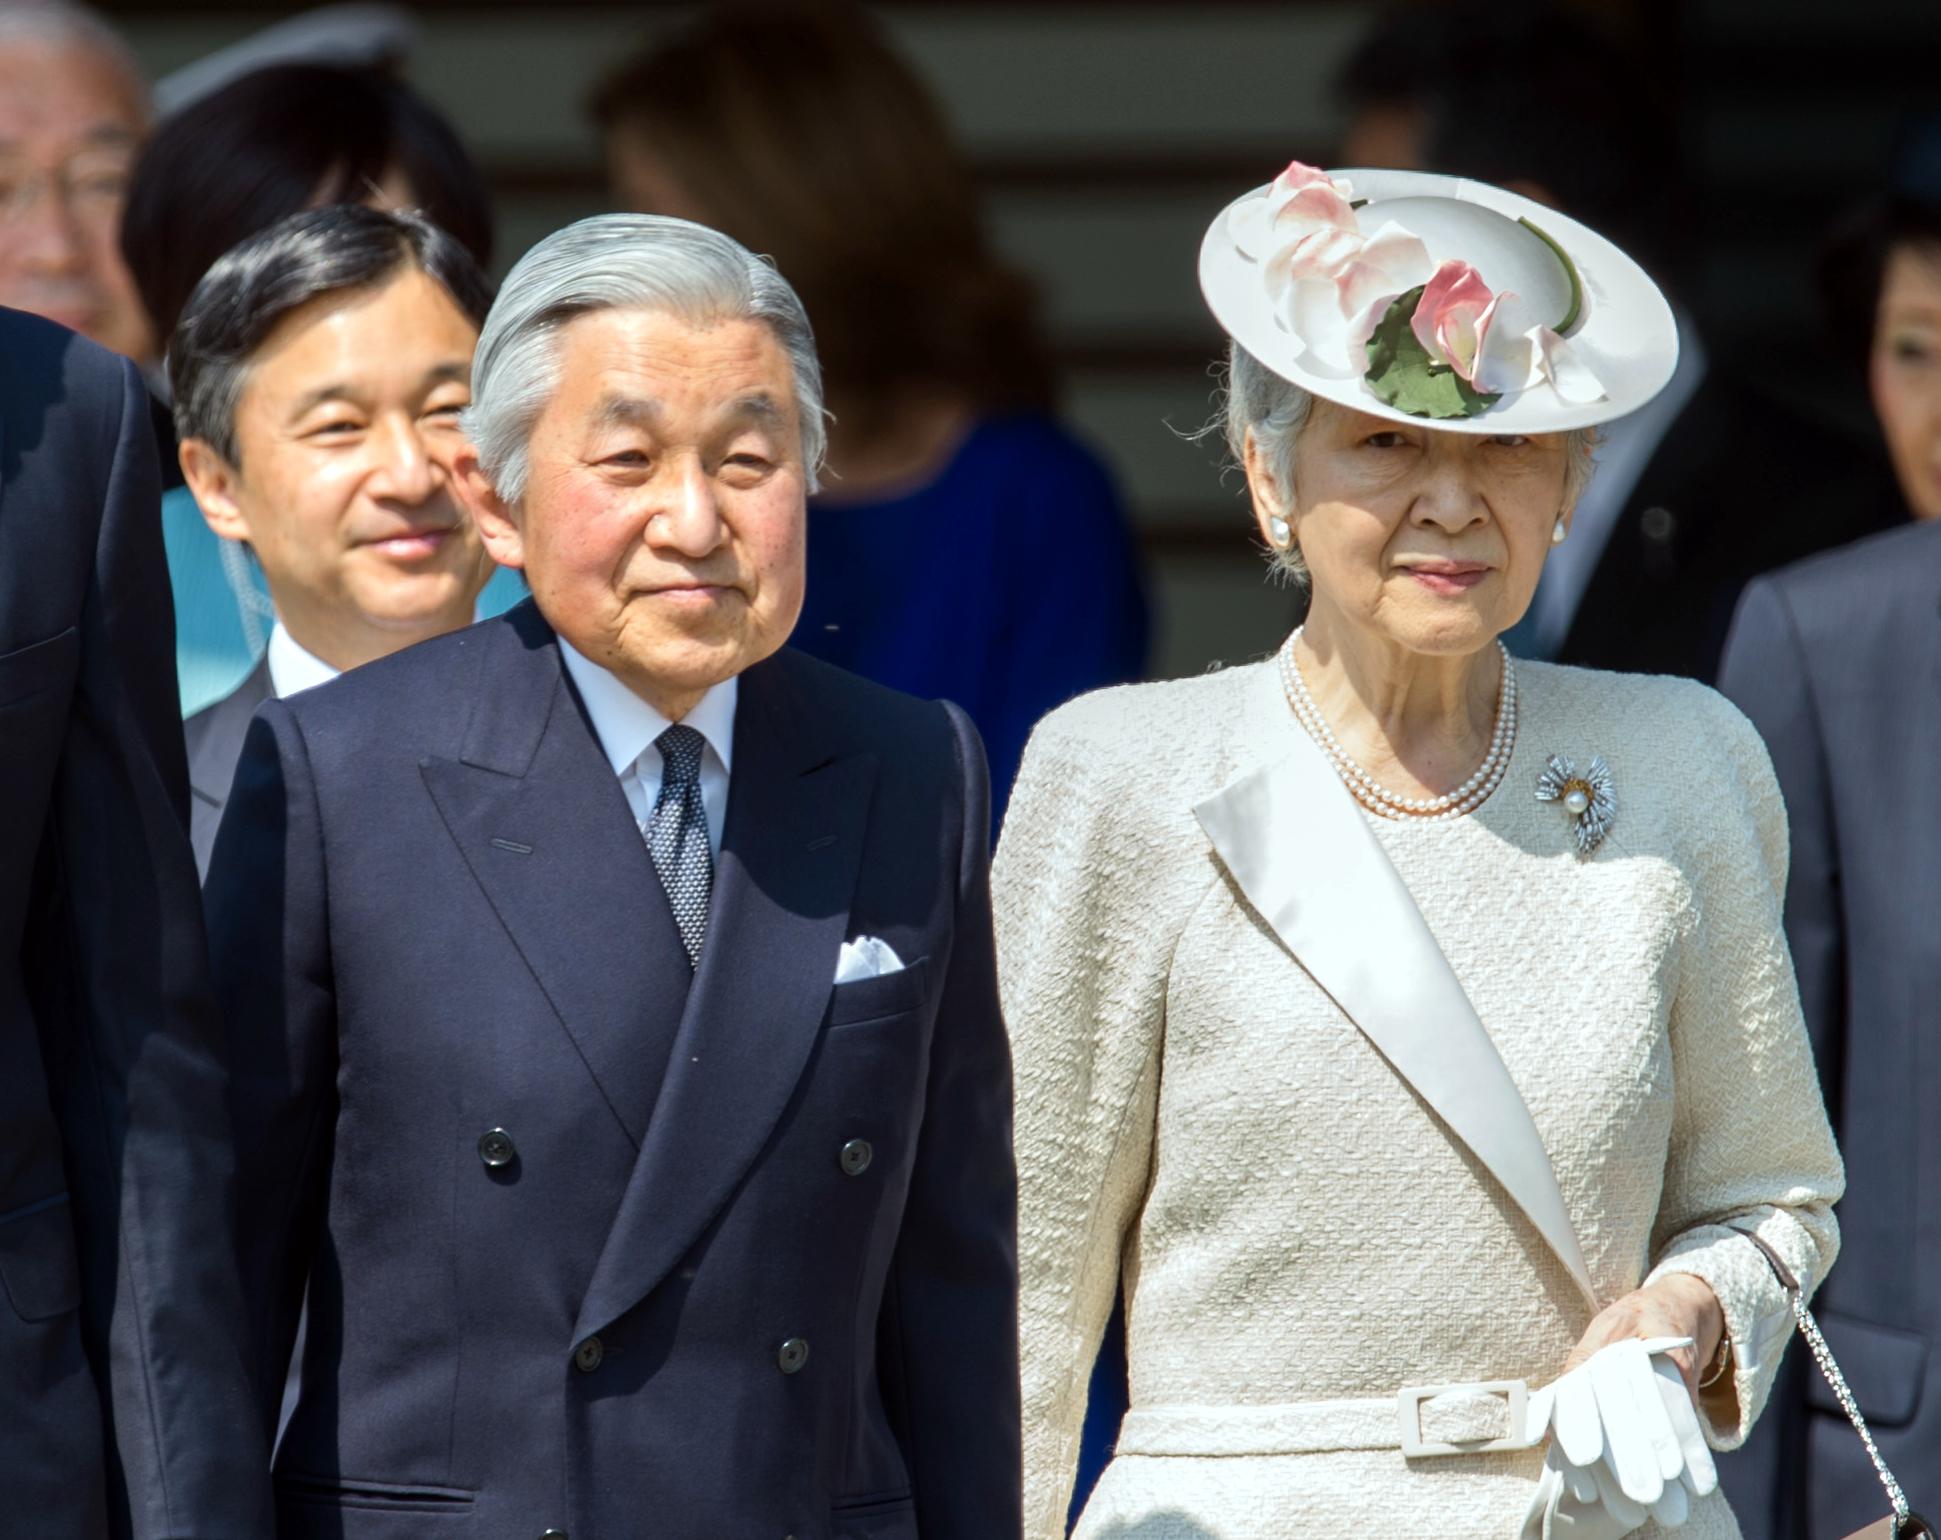 L'empereur AKIHITO et l'impératrice MICHIKO et le prince héritier NARUHITO en arrière plan